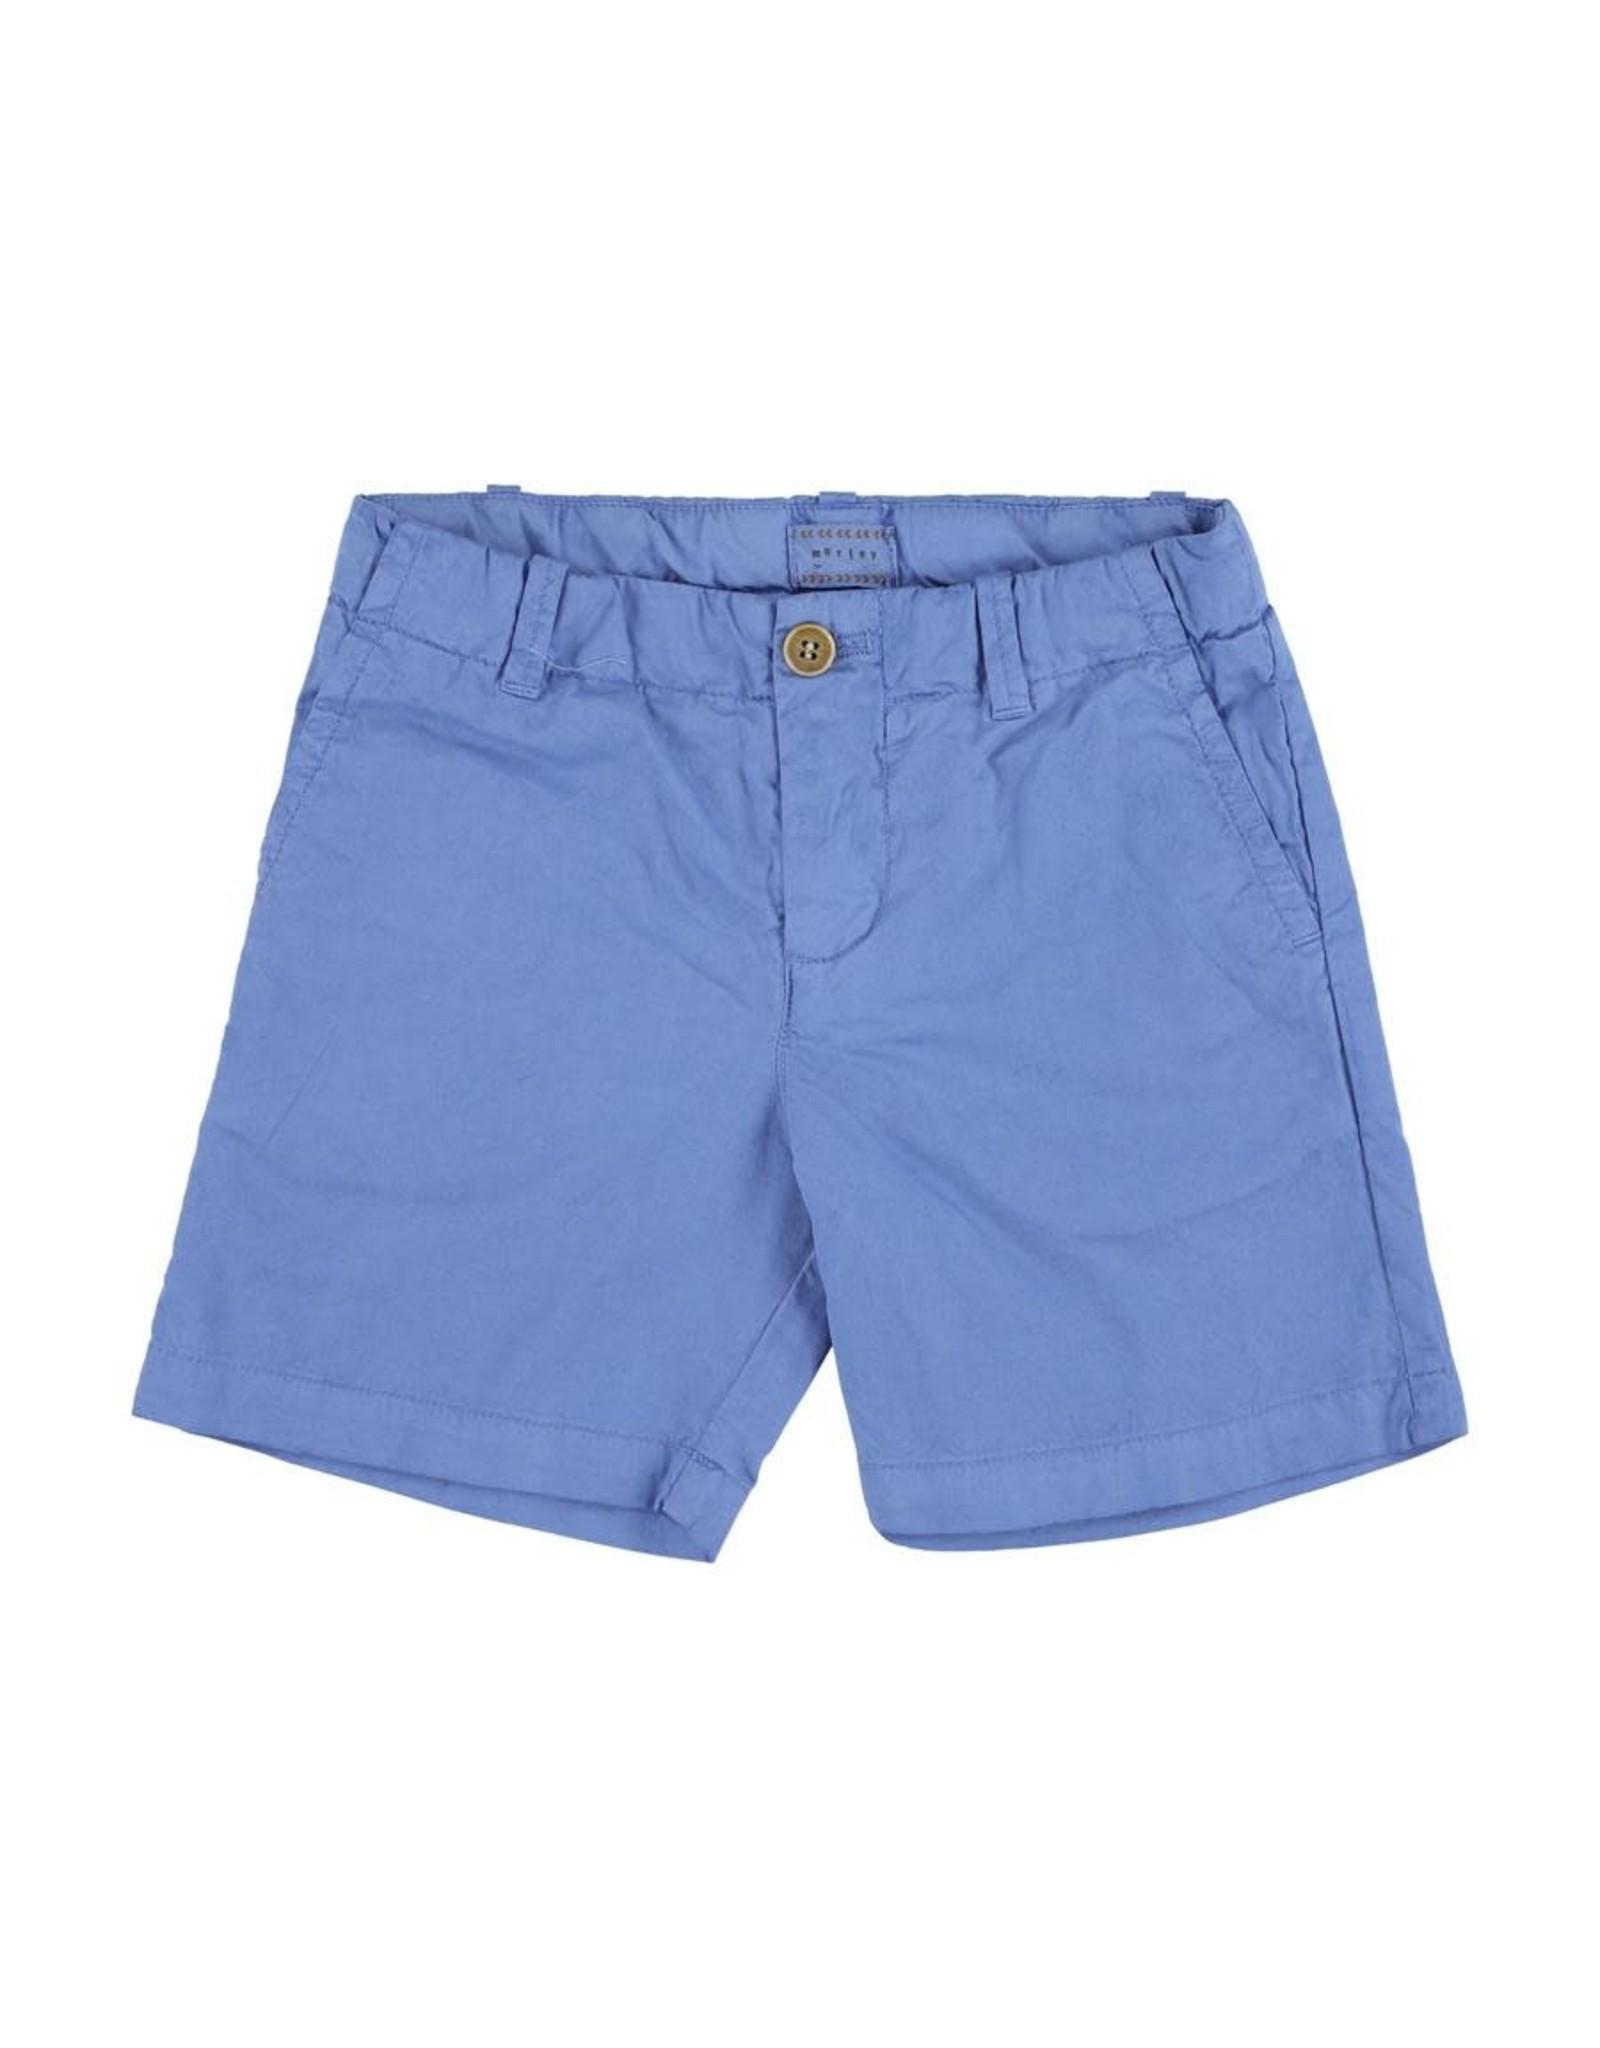 Morley Morley SS21 Lennon Sand Iris shorts